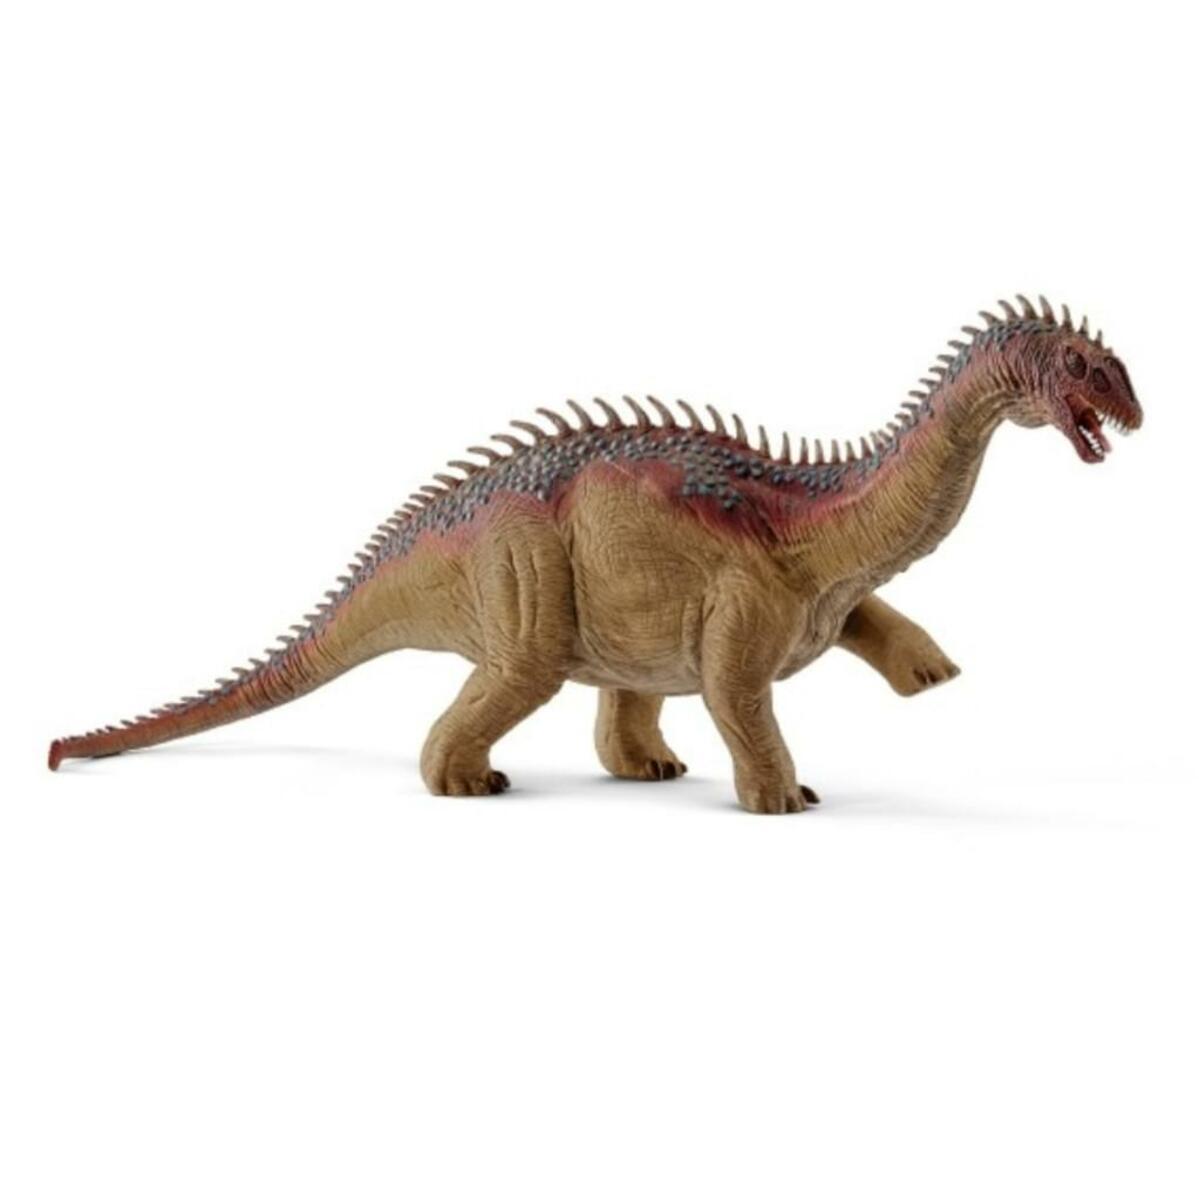 Bild 5 von Schleich - Tierfiguren, Barapasaurus; 14574